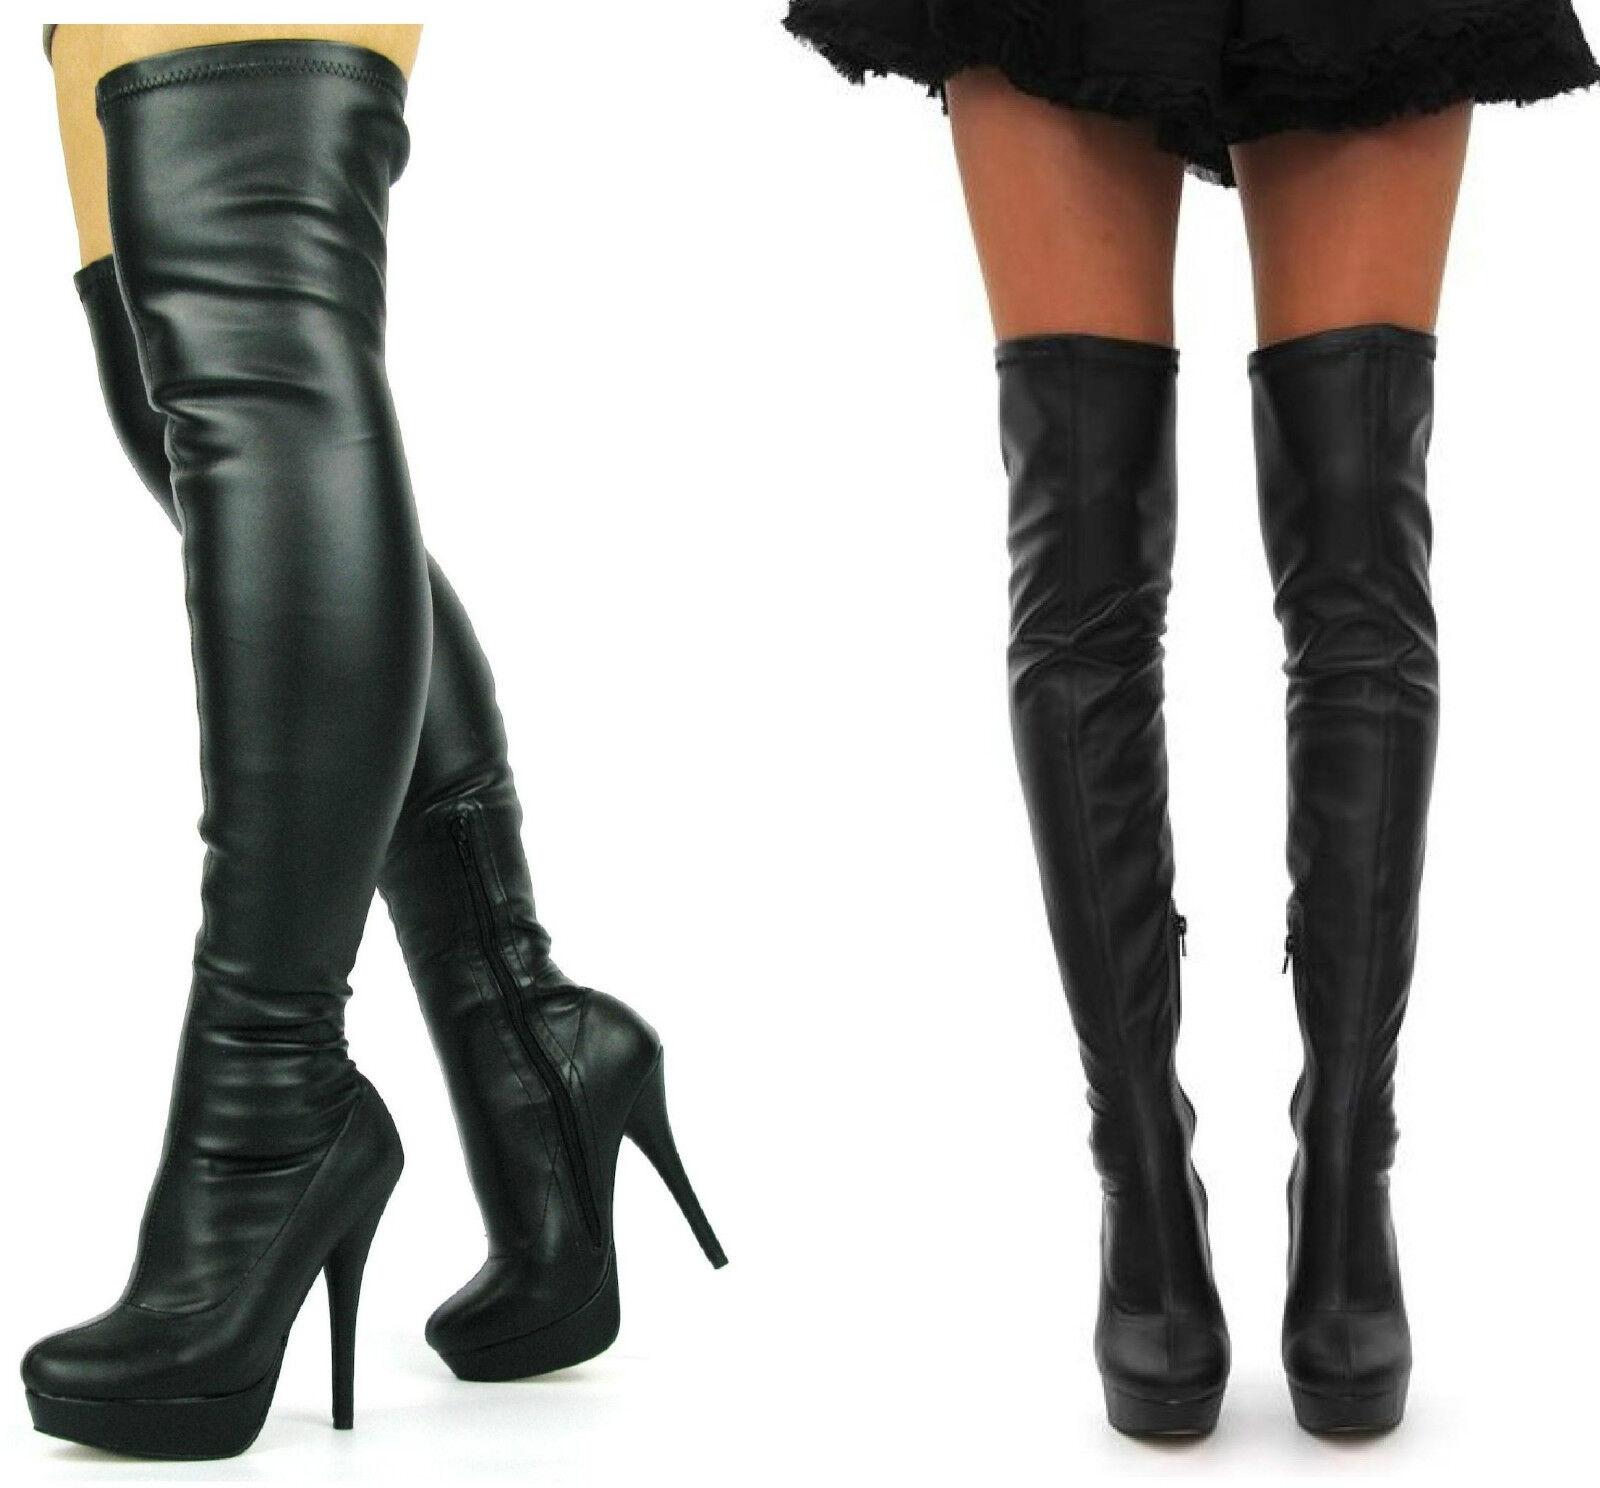 Damen Stilleto High Heel Über Knie Stiefel Stiefel Schenkel hoch Schwarz Stretch